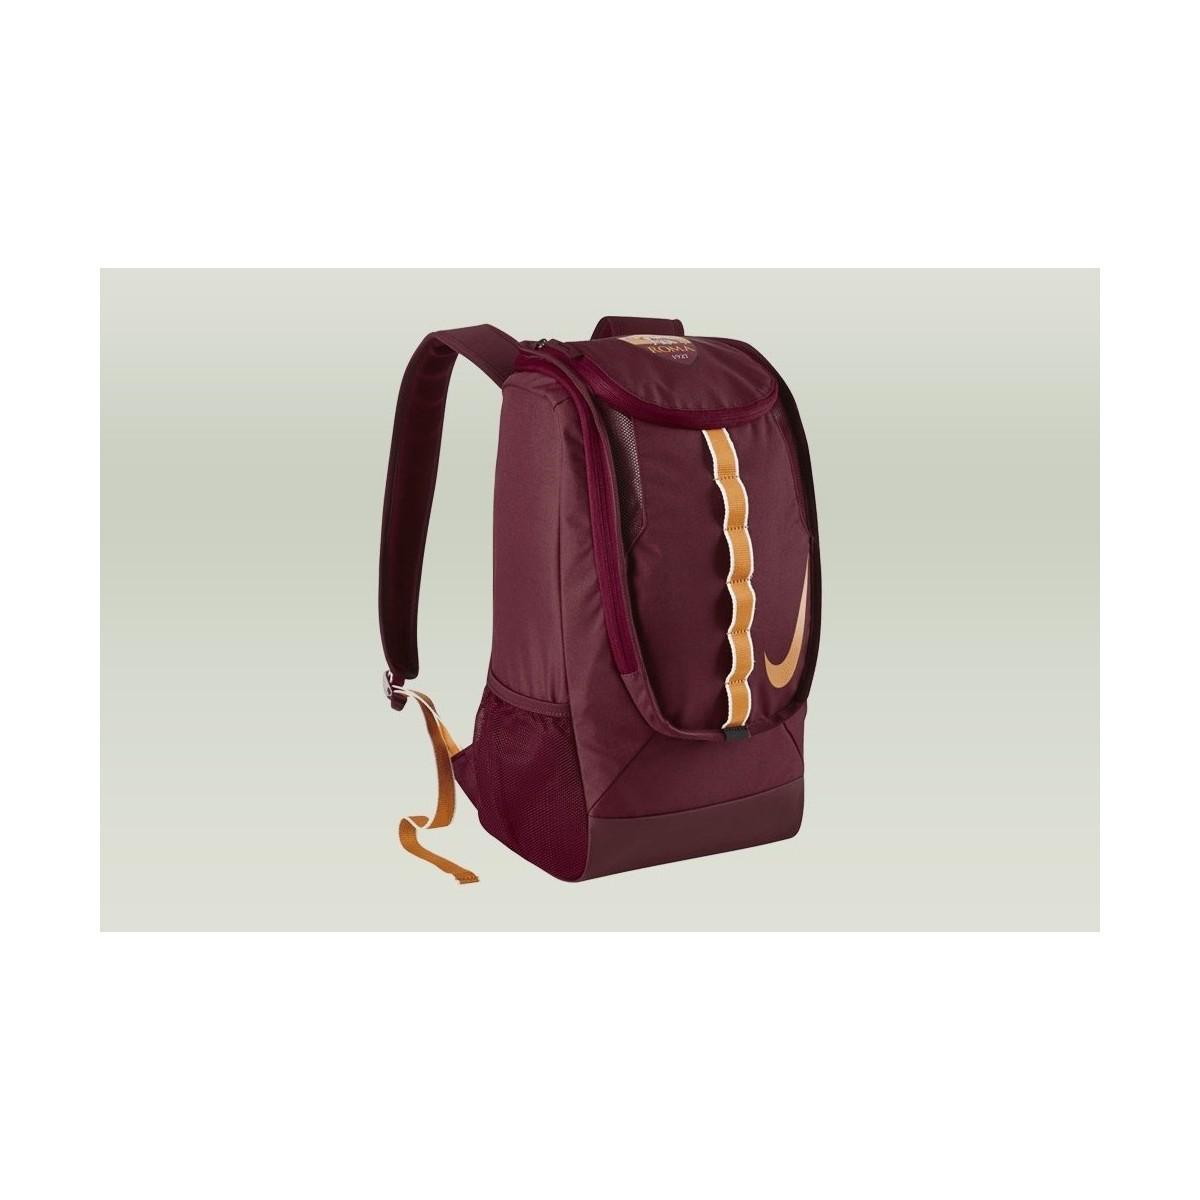 ddd4b563d6 Nike As Roma Men's Backpack In Multicolour in Purple for Men - Lyst